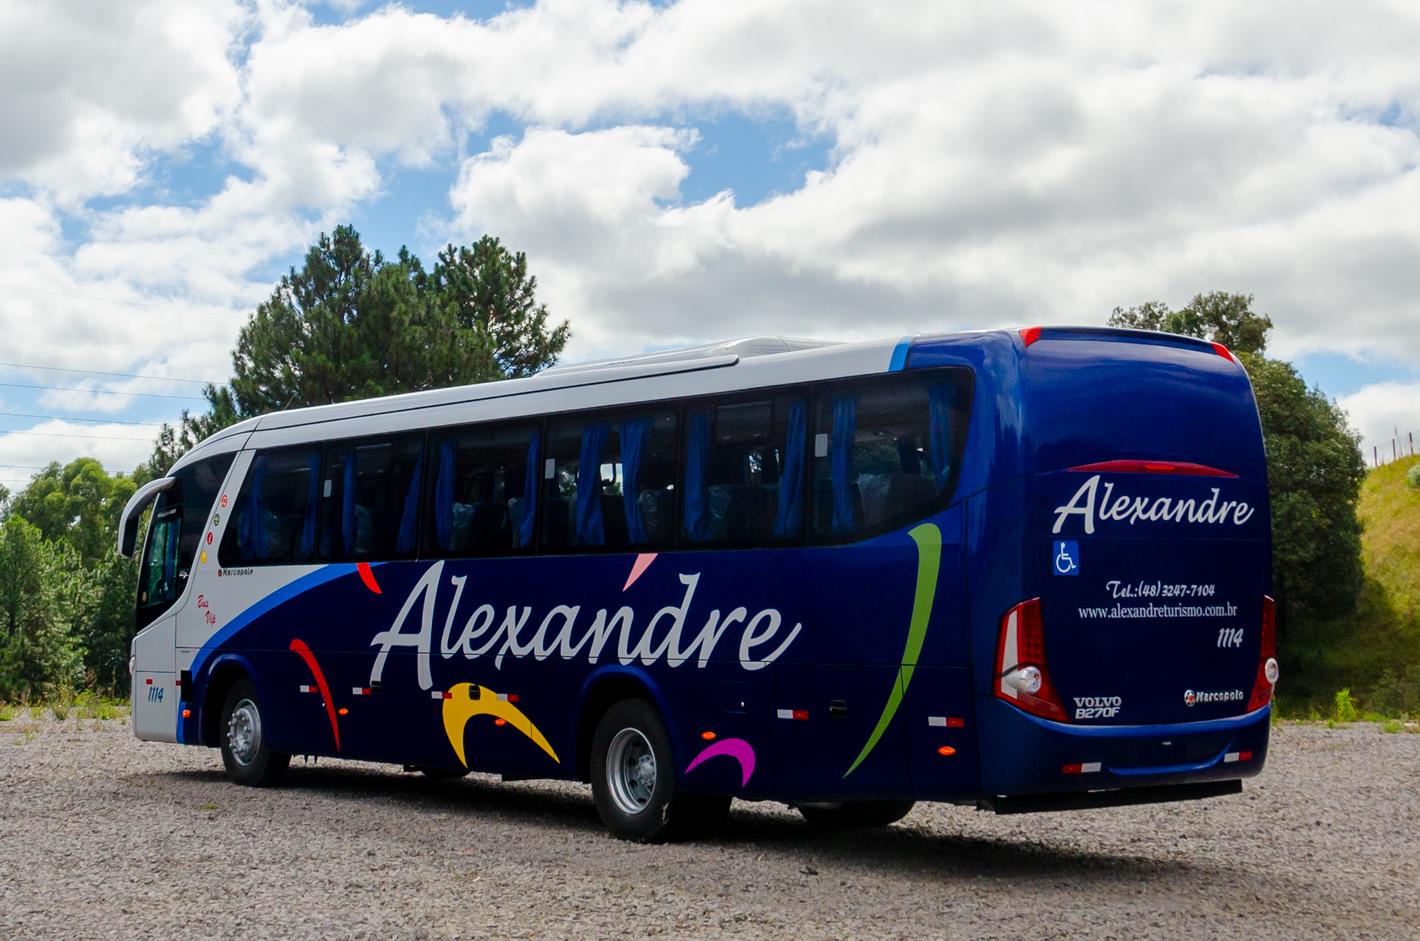 Viaggio 900 ( Volvo) Alexandre Turismo (4)